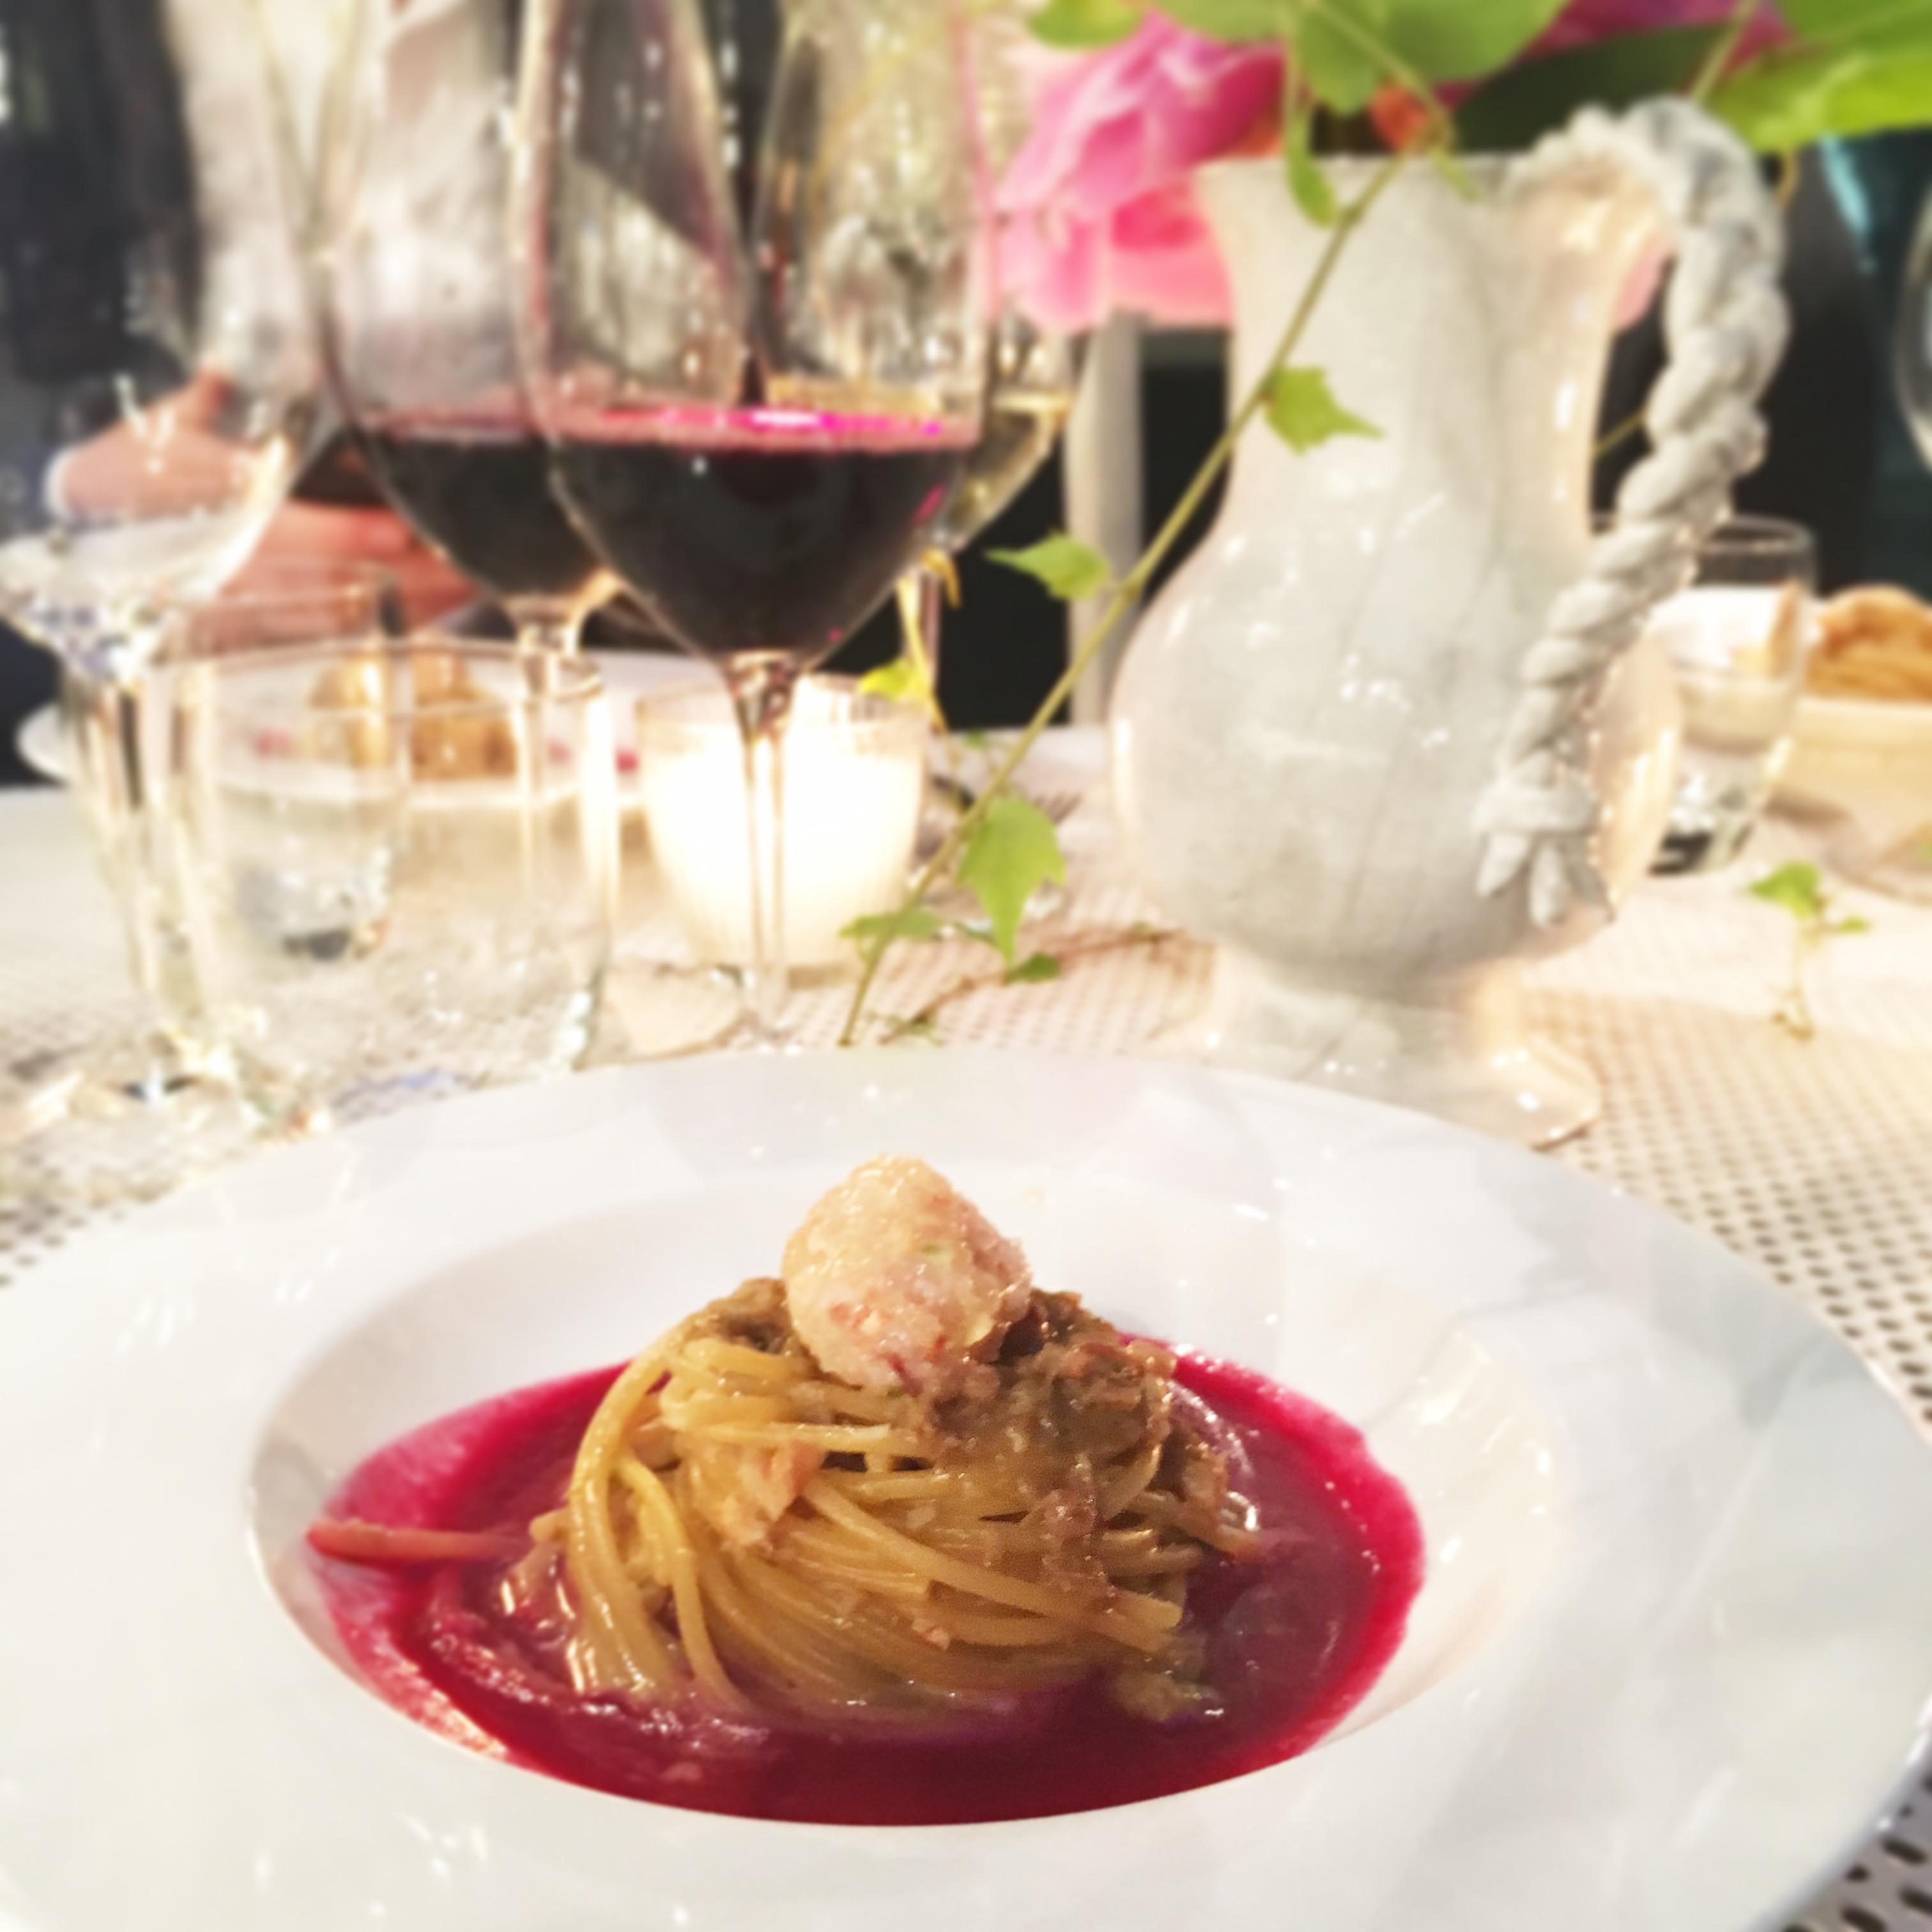 I 10 migliori ristoranti a Milano da provare nel 2017 | Ragoût Food